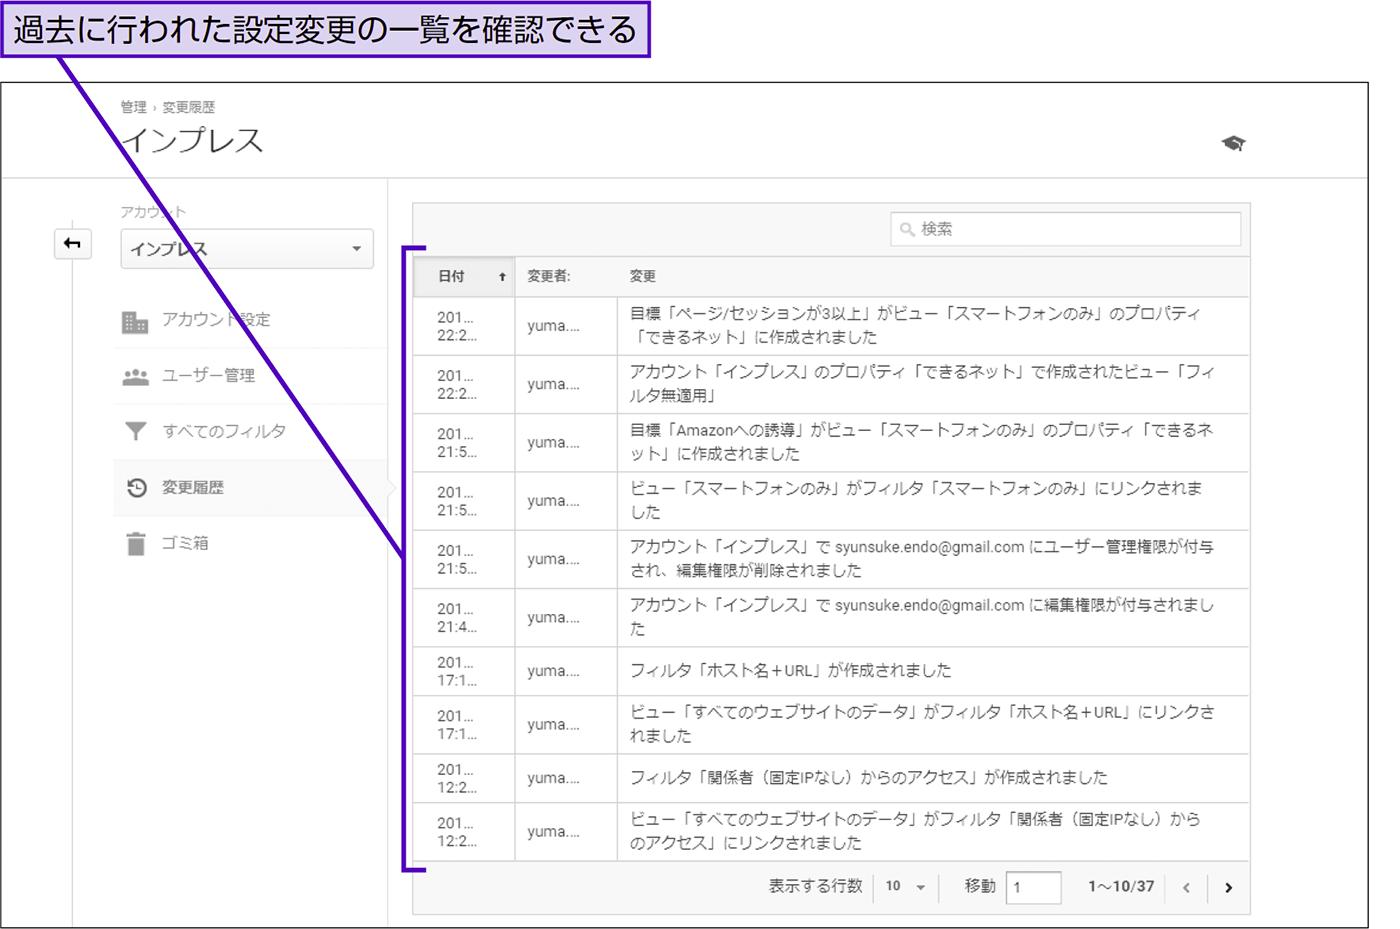 アカウントの設定に加えられた変更履歴を確認する - できる逆引き Googleアナリティクス 増補改訂2版